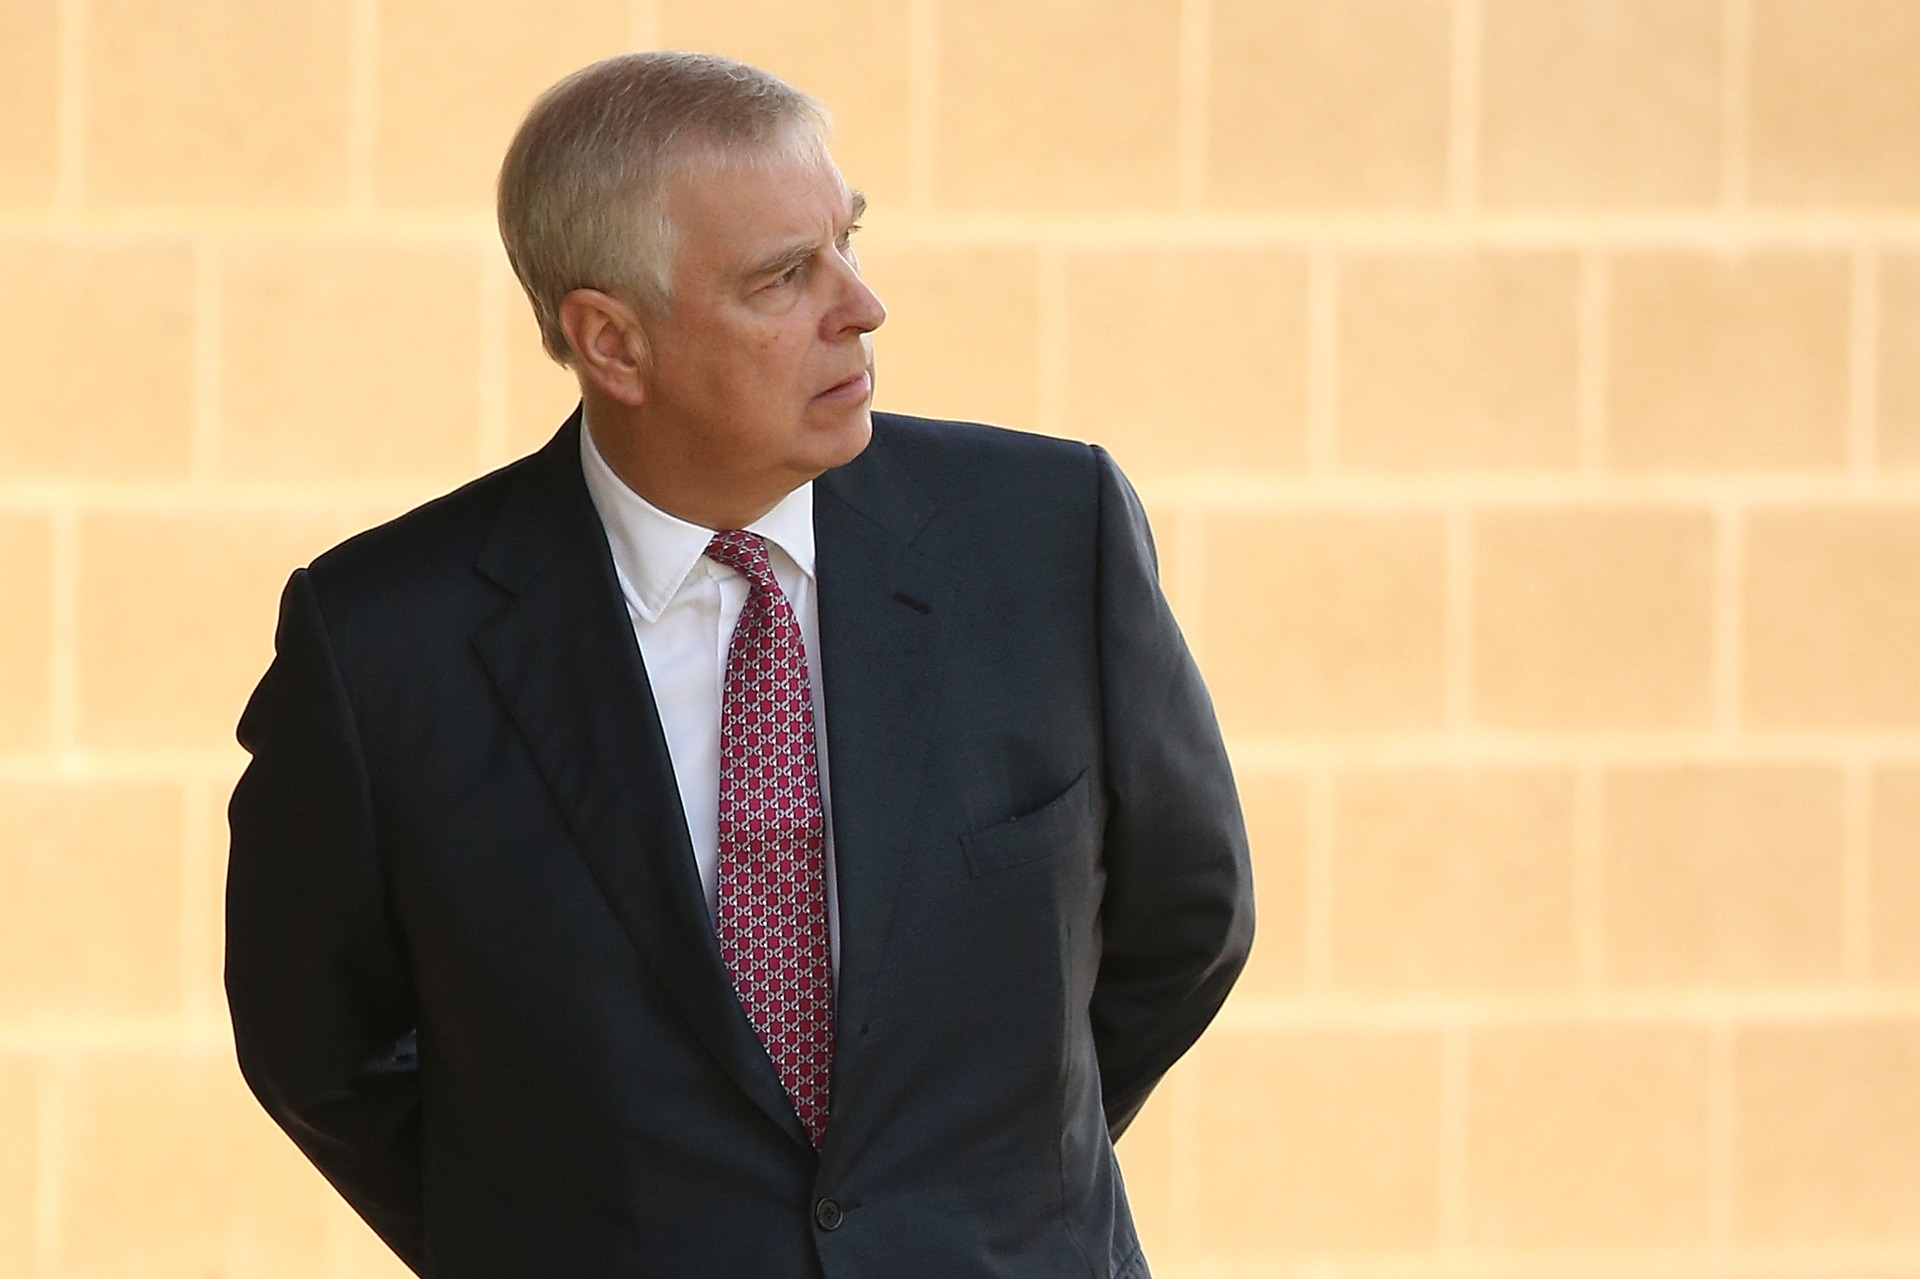 Prince Andrew crisis worses: Racial slur accusation